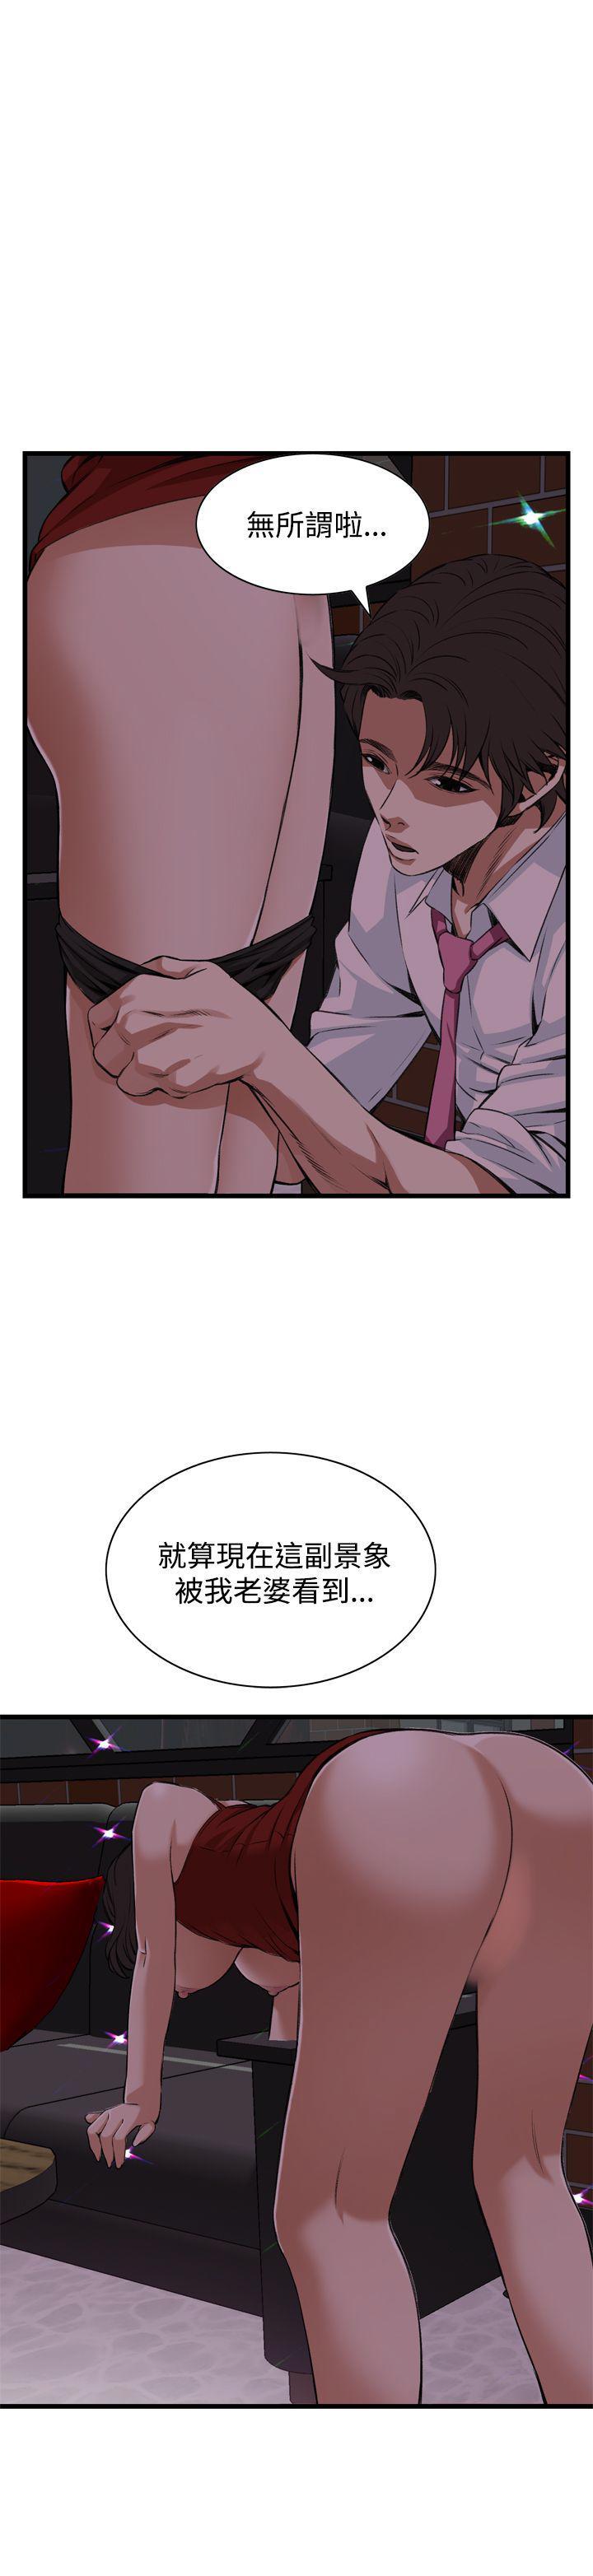 偷窥72-93 Chinese Rsiky 53